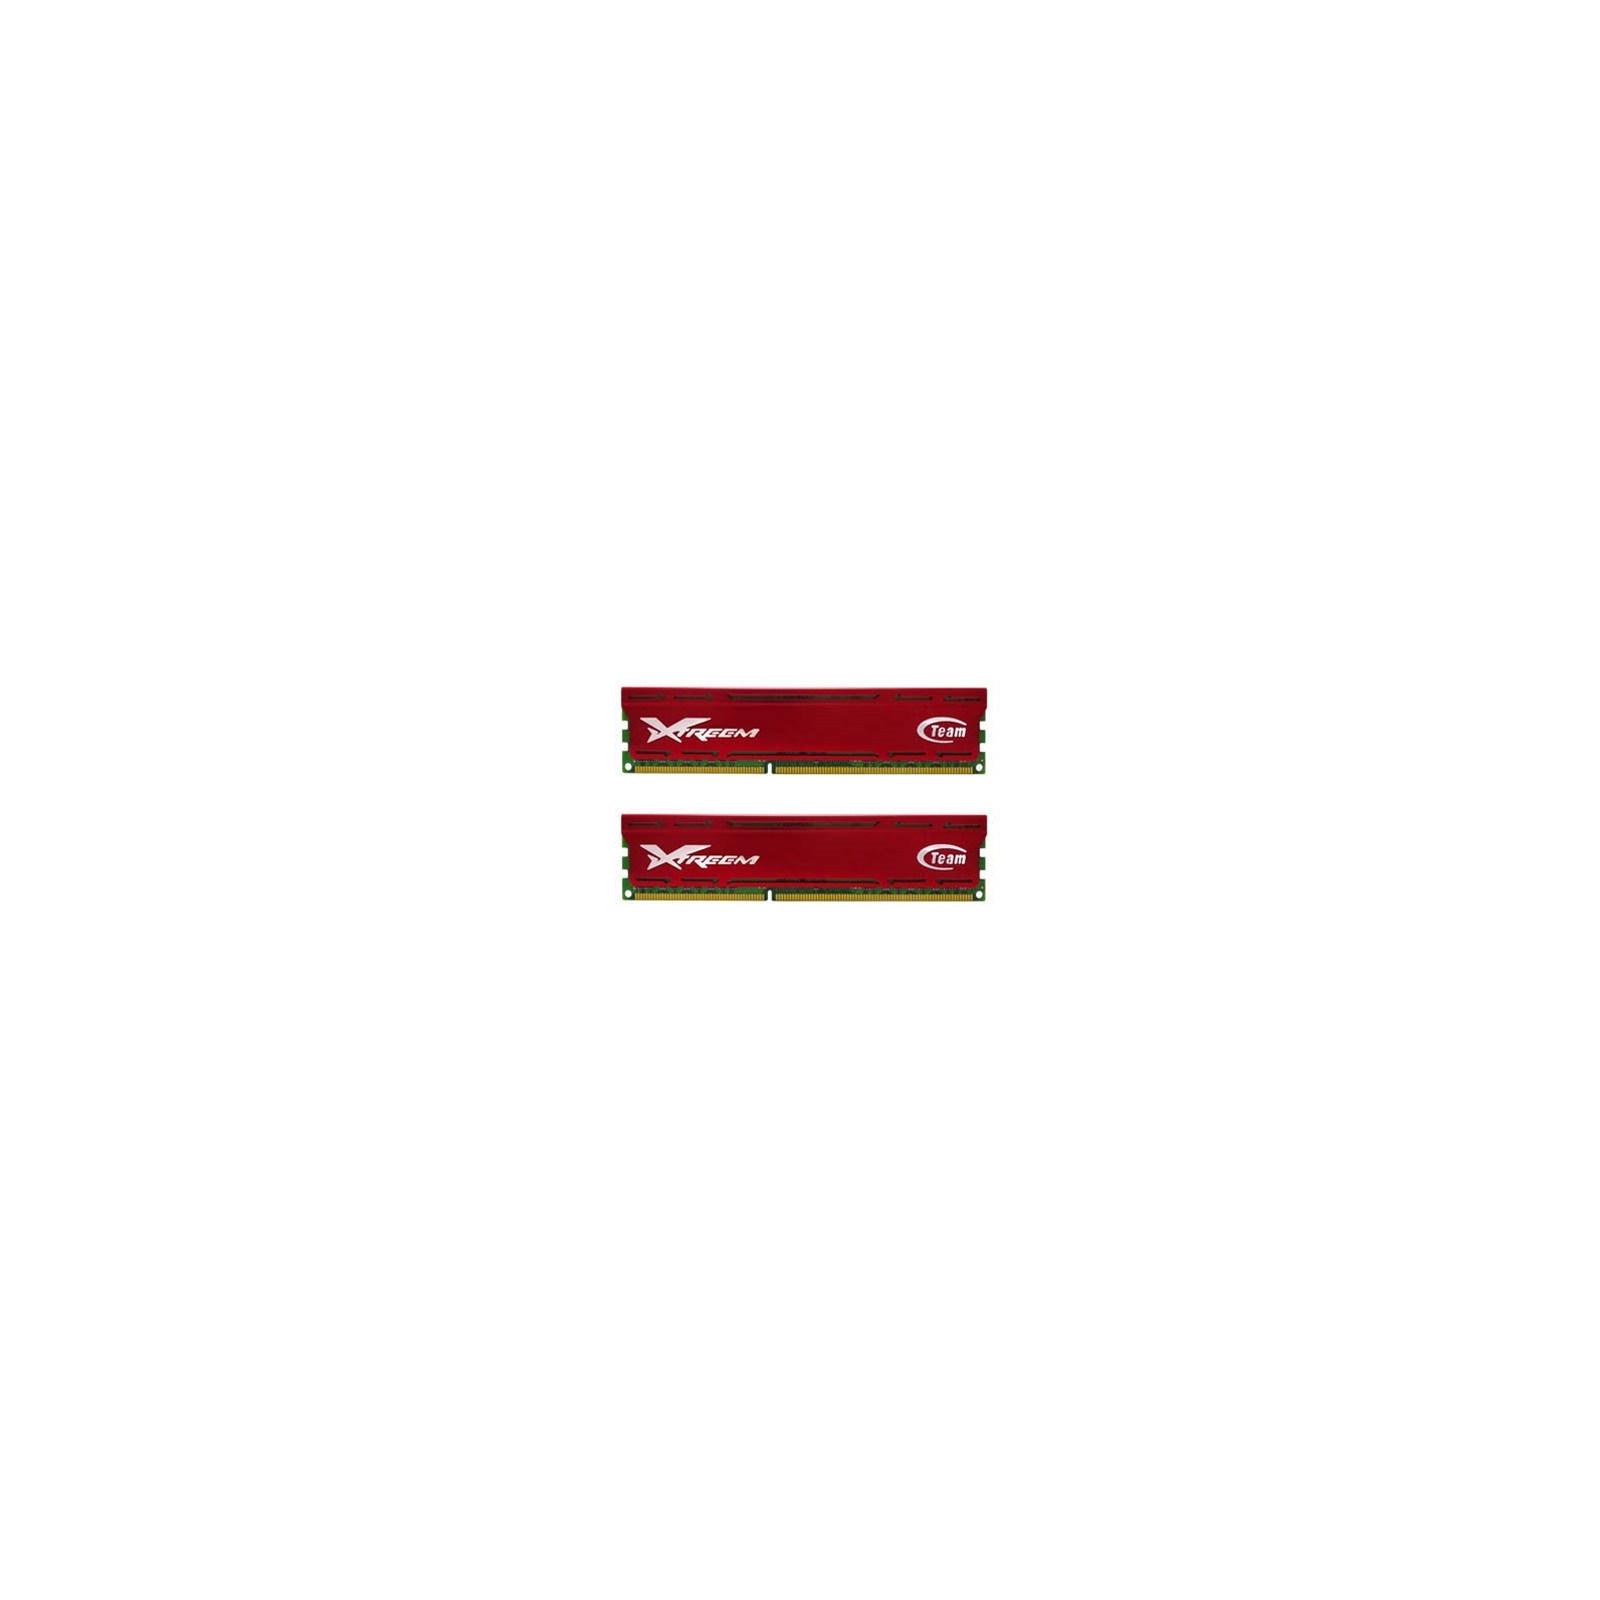 Модуль памяти для компьютера DDR3 16GB (2x8GB) 1866 MHz Team (TLD316G1866HC10SDC01)